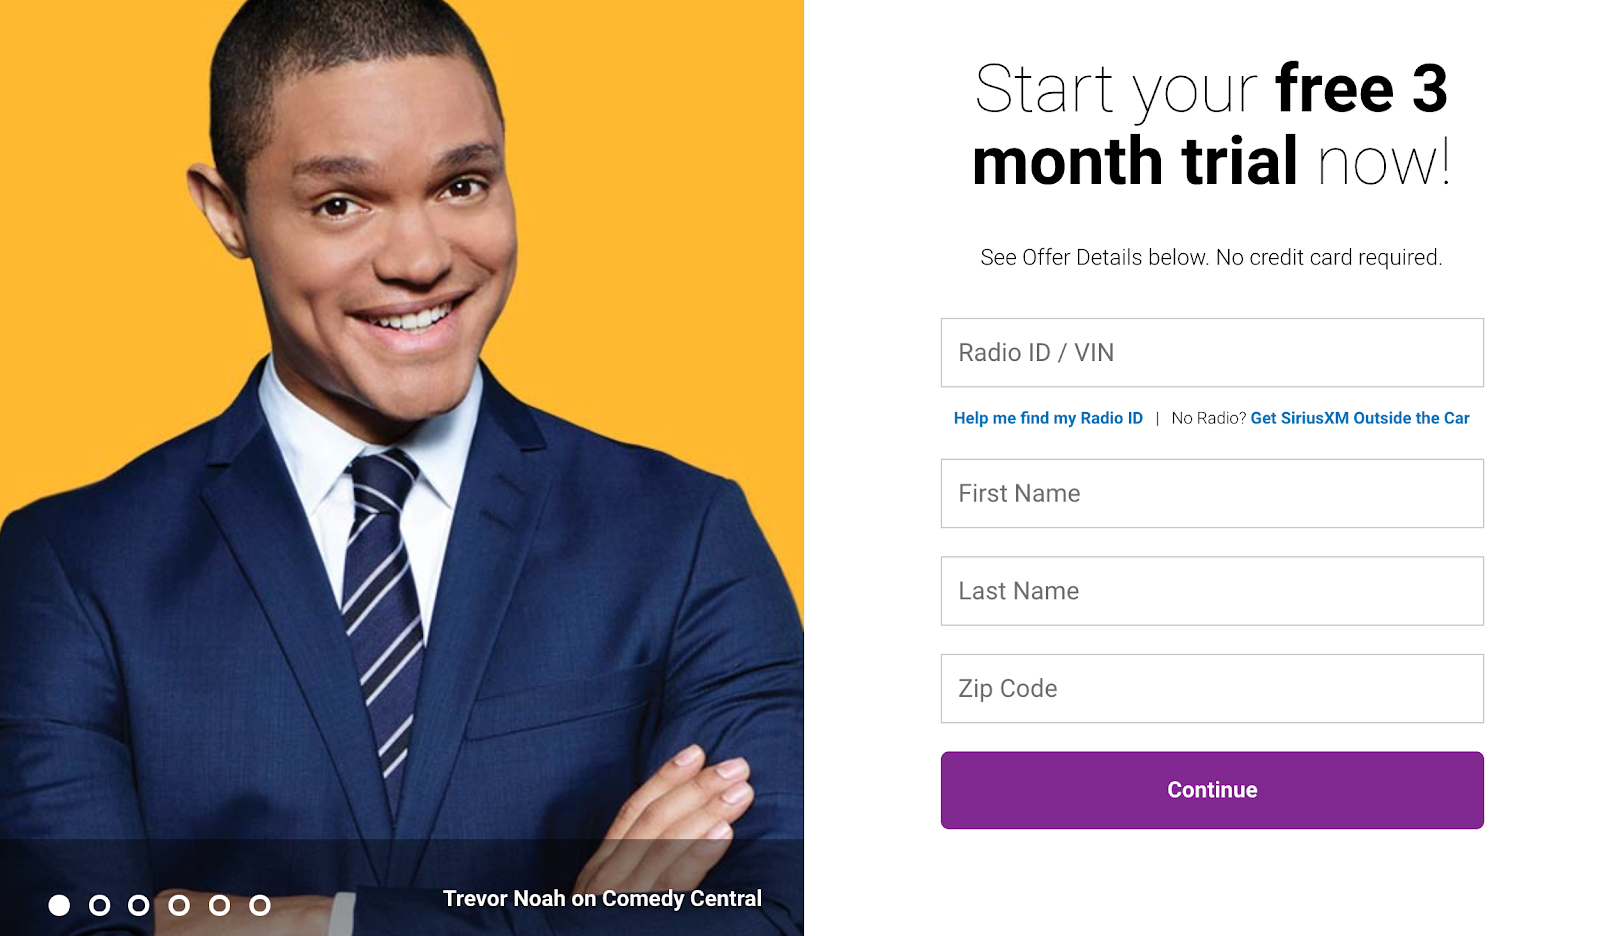 3-month SiriusXM free trial